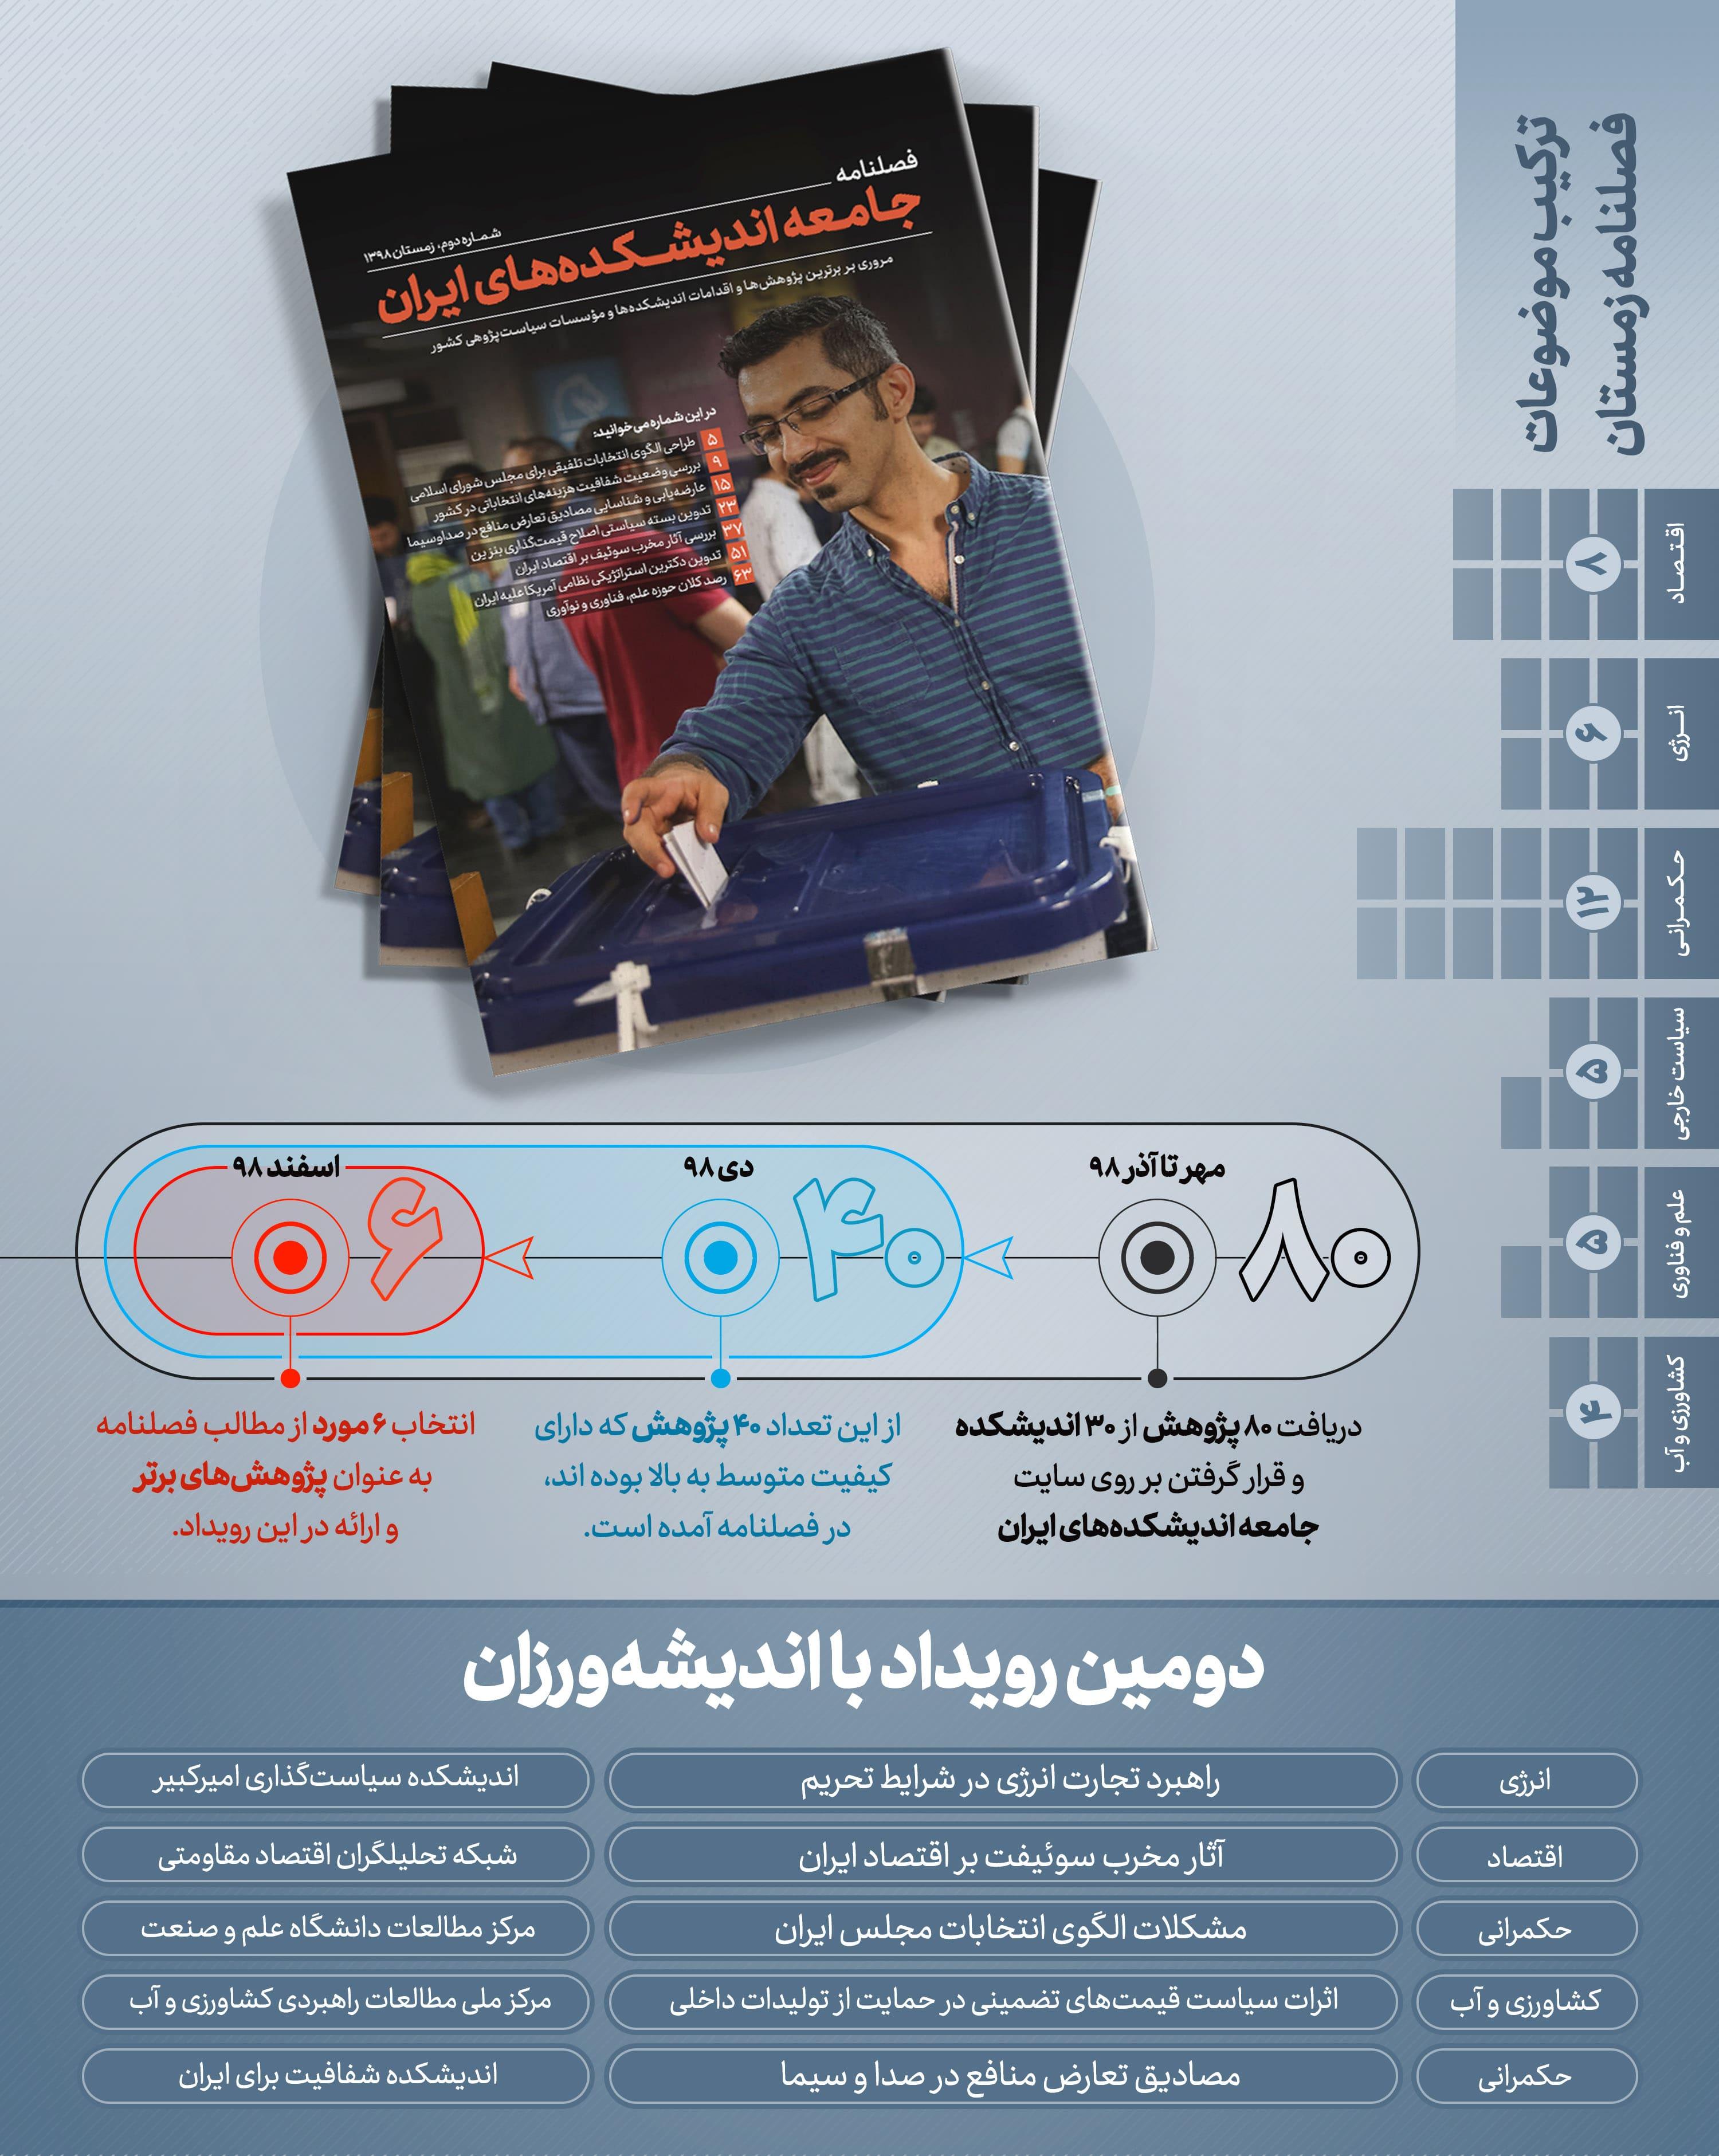 آمار جامعه اندیشکده های ایران در خصوص دومین رویداد با اندیشه ورزان